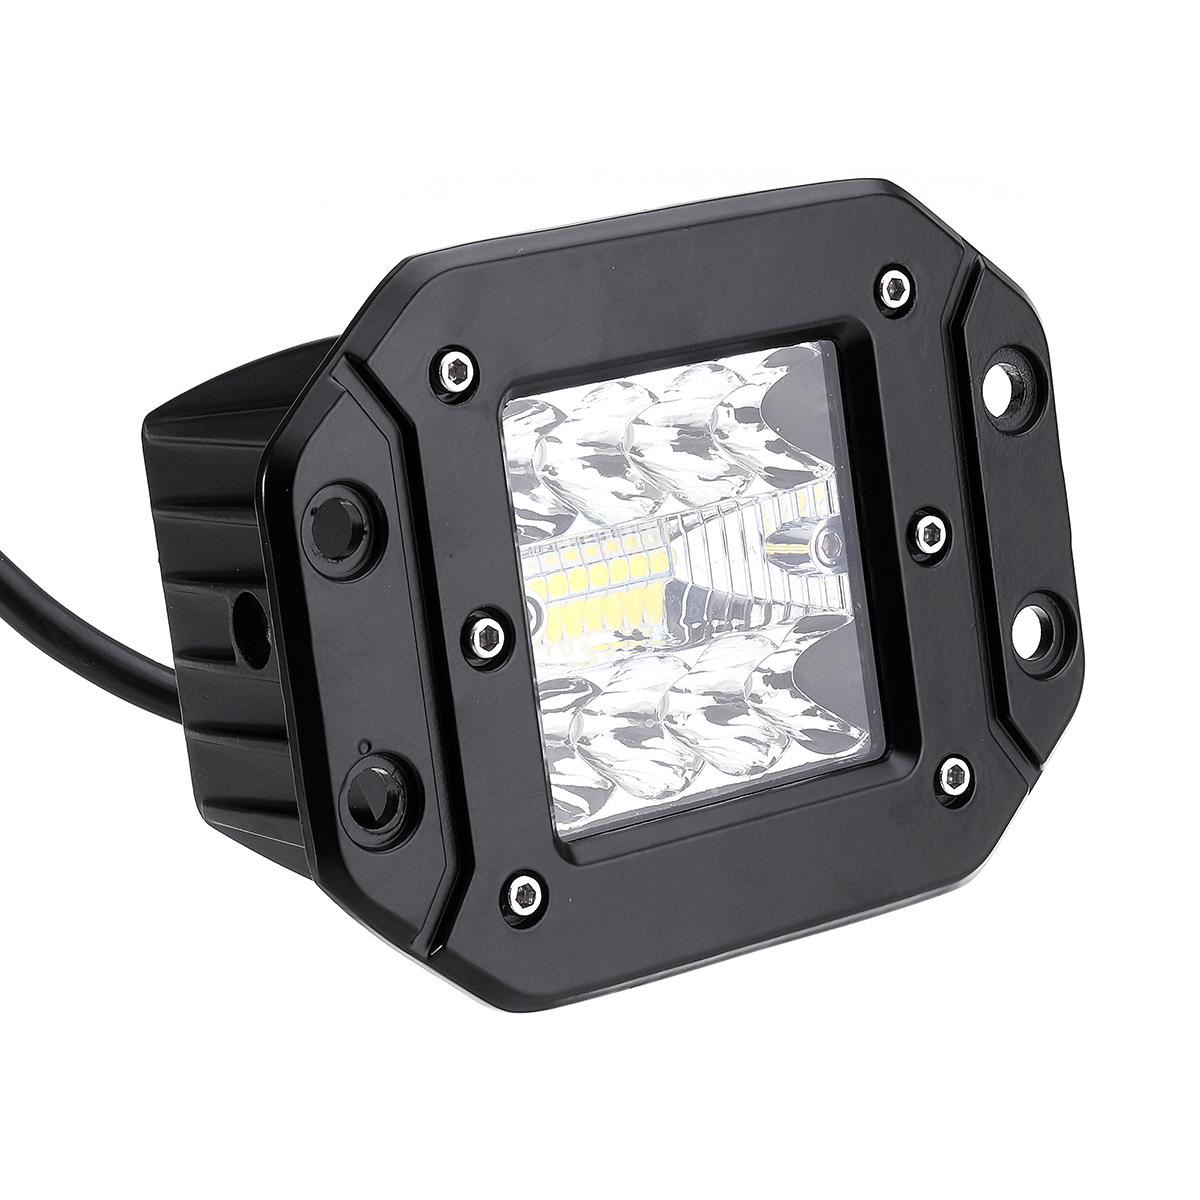 5Inch Flush Mount LED Work Light Pods Combo Beam IP68 9-32V 48W 2400LM 6500K 1PCS